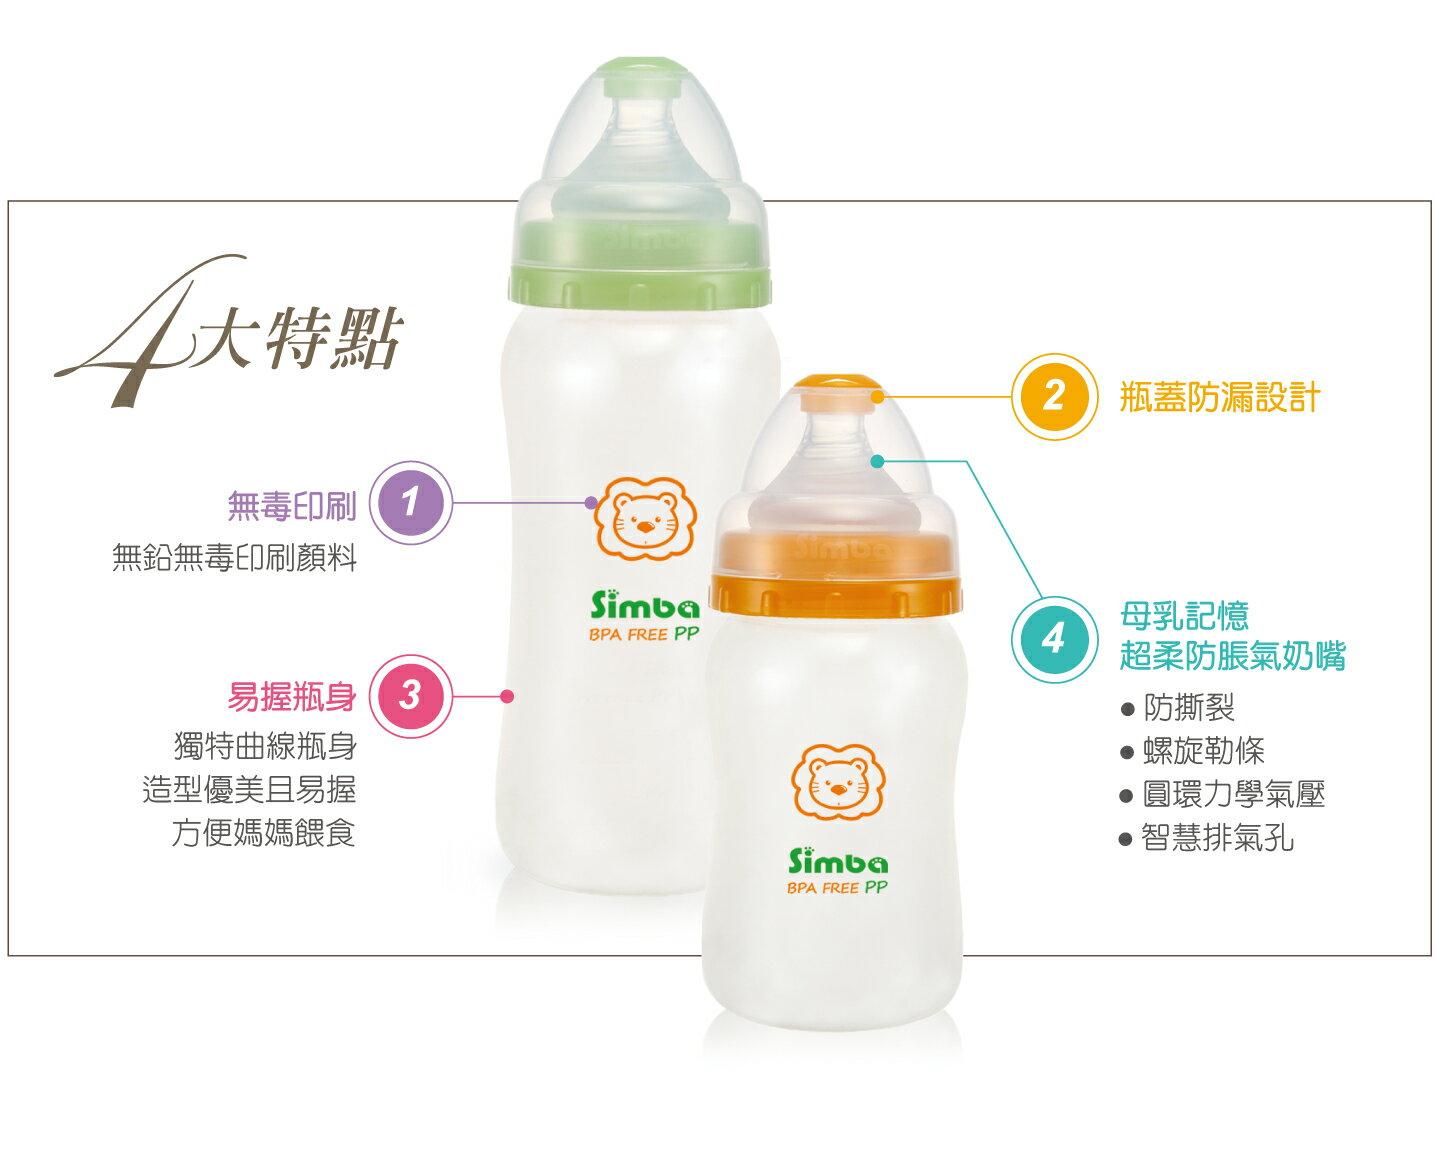 『121婦嬰用品館』辛巴 PP寬口胡蘆大奶瓶 330ml 6